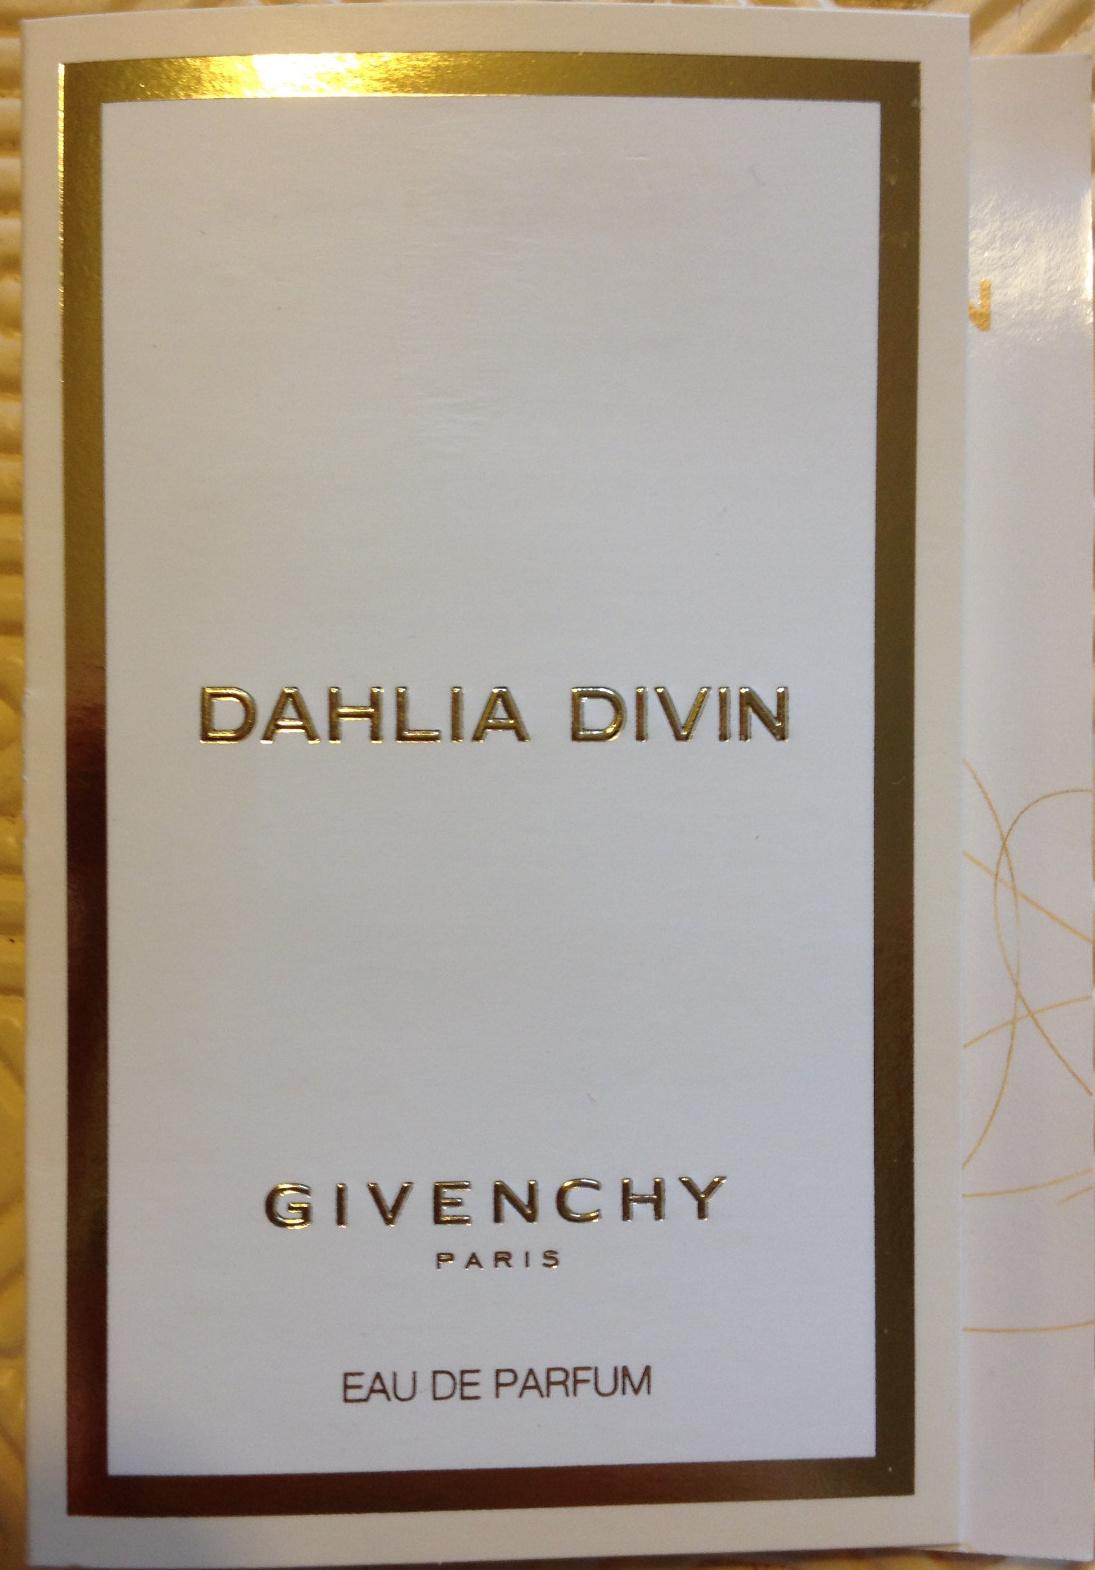 Dahlia divin - Produit - fr